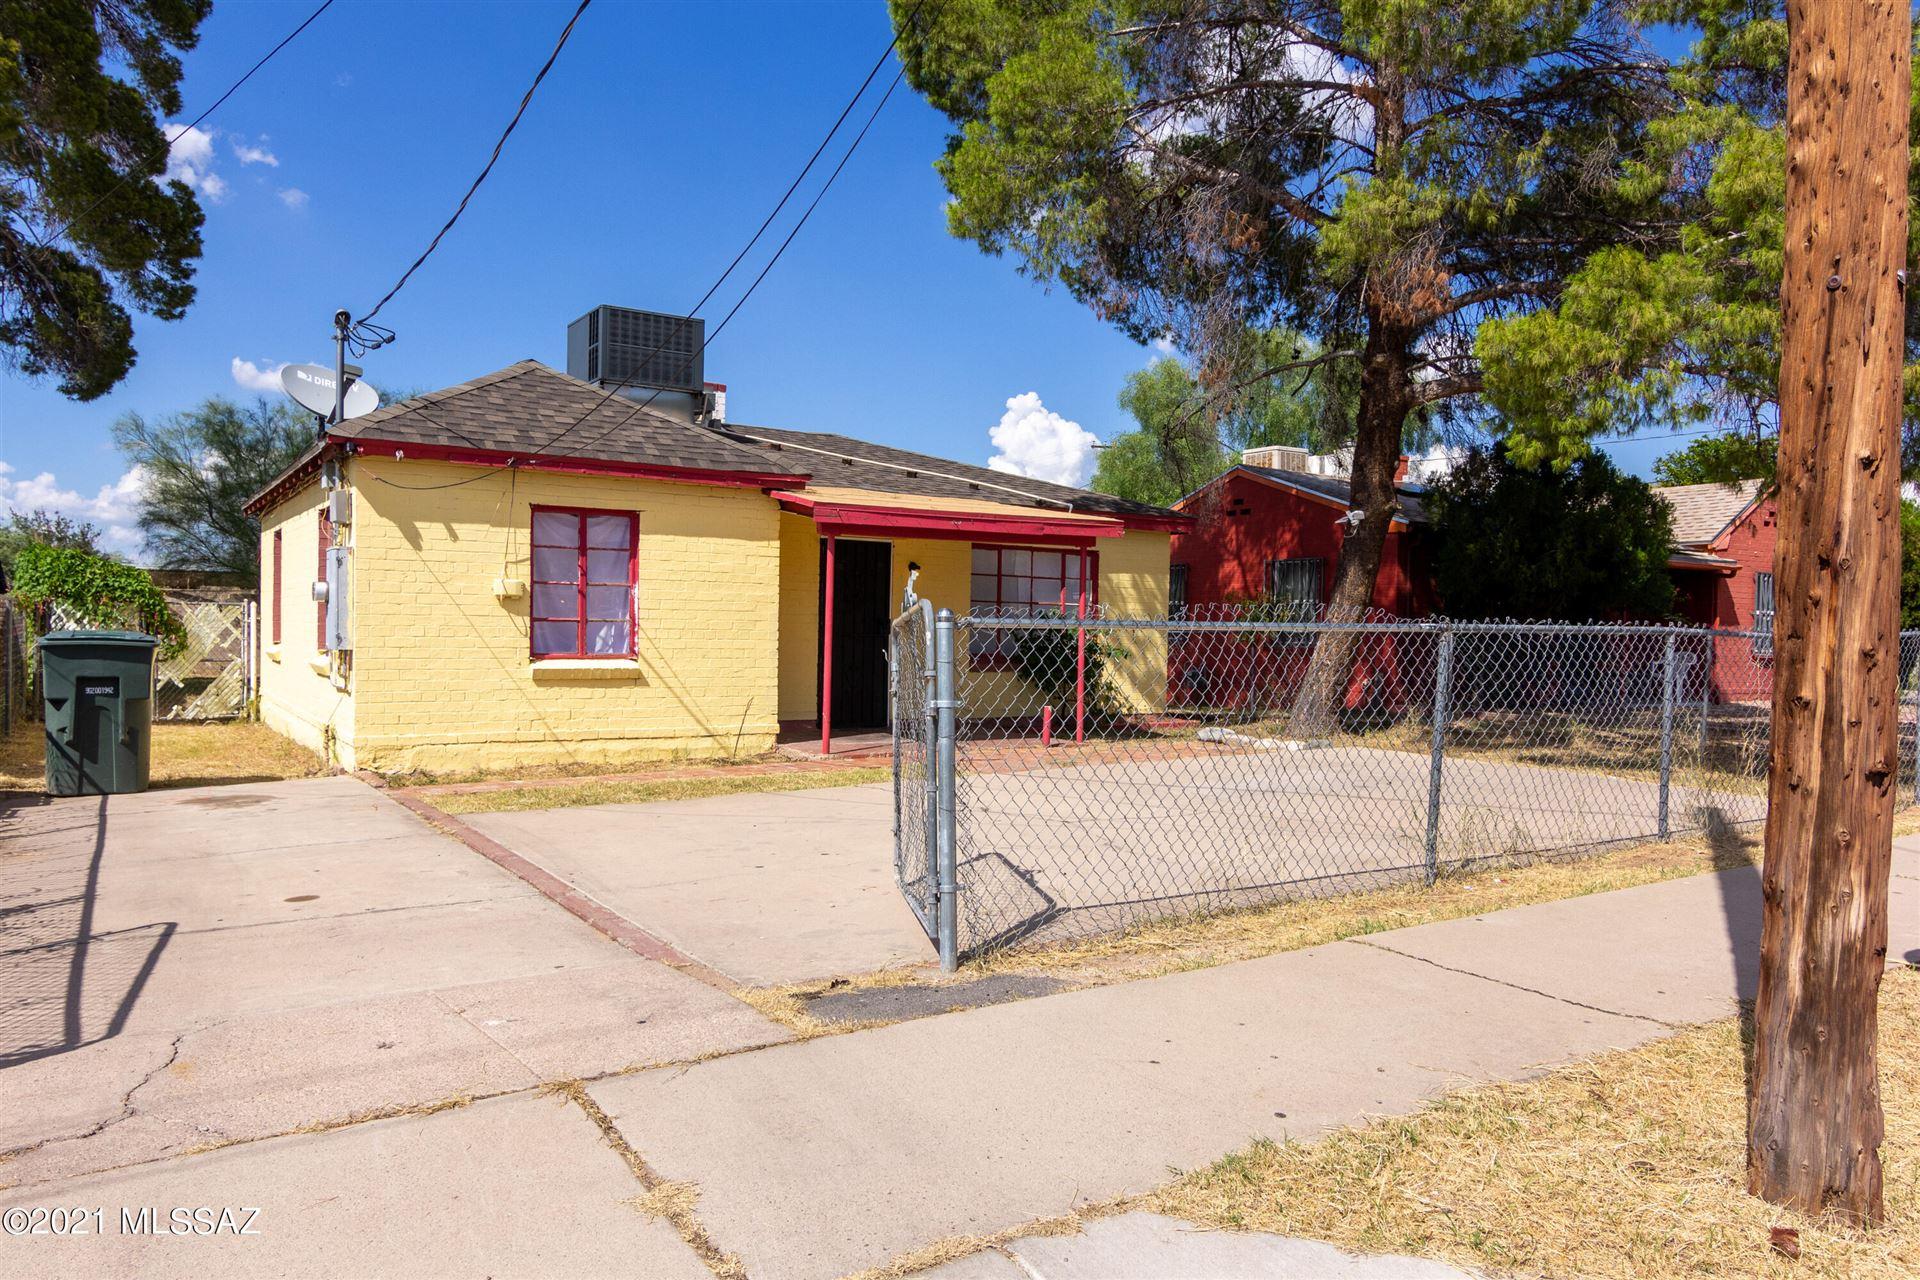 208 W Veterans Boulevard, Tucson, AZ 85713 - MLS#: 22123183